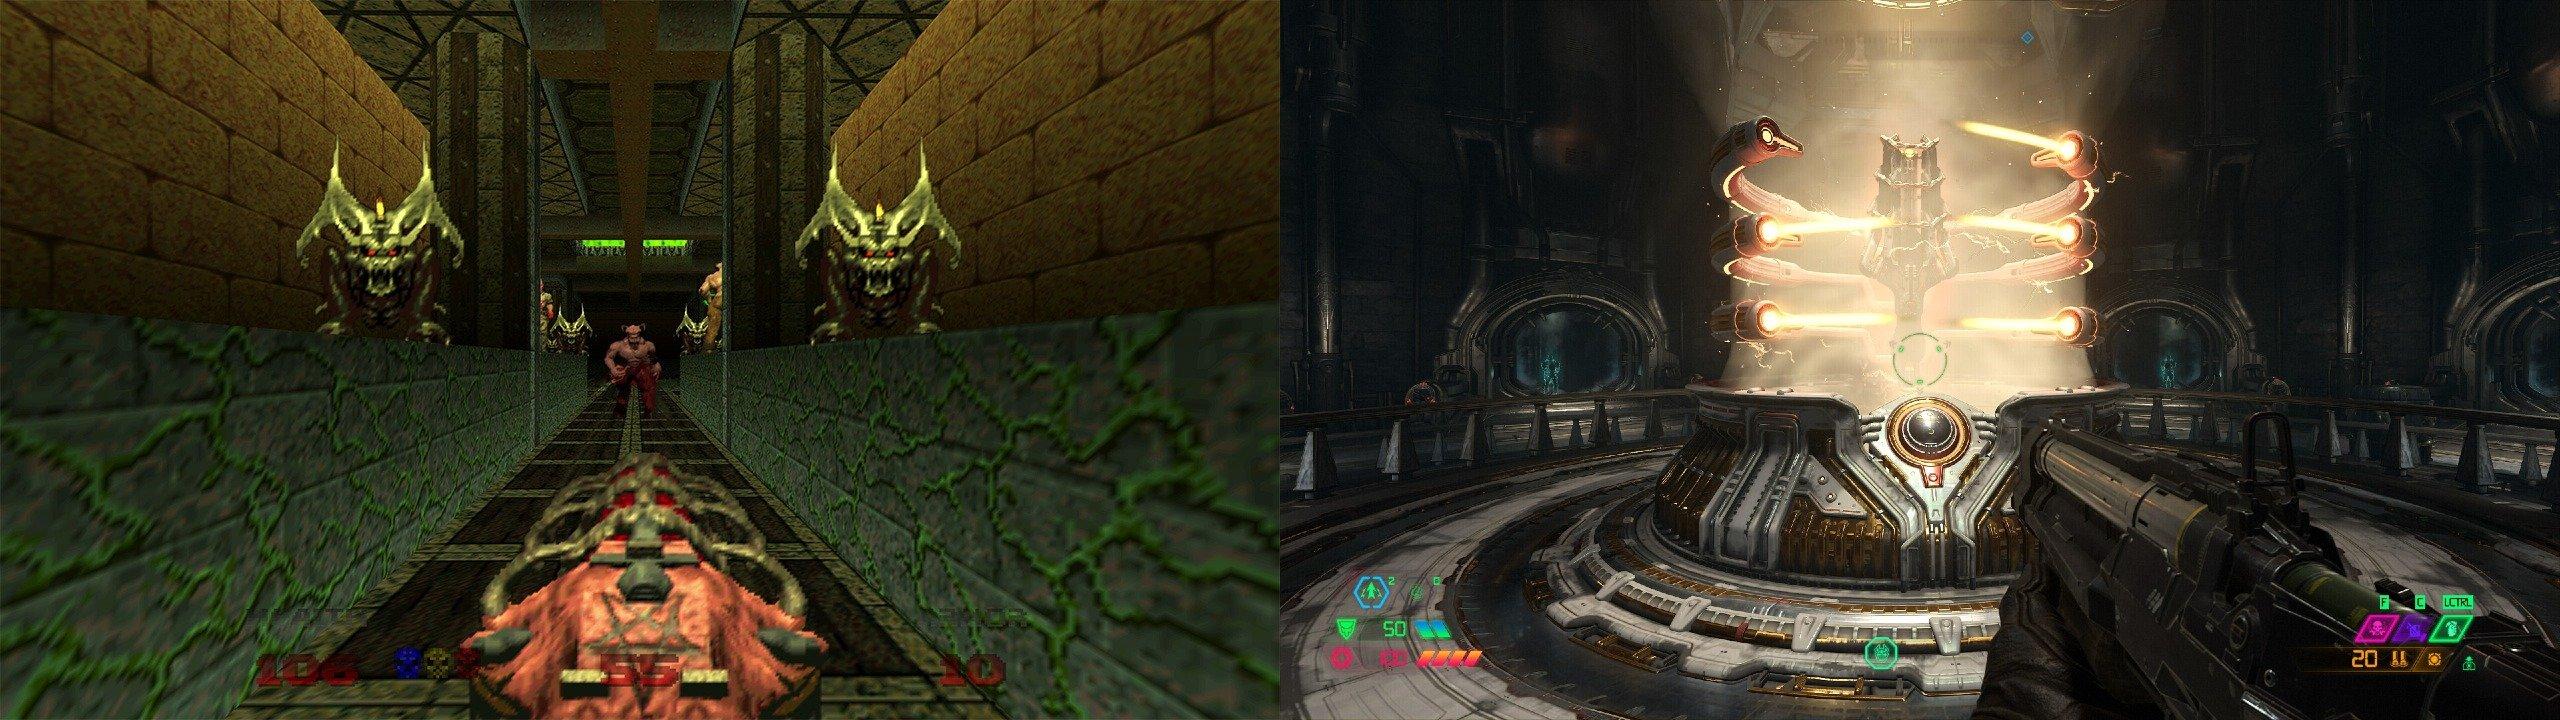 The Unmaker/Unmayrk in Doom 64 (left), and in Doom Eternal.